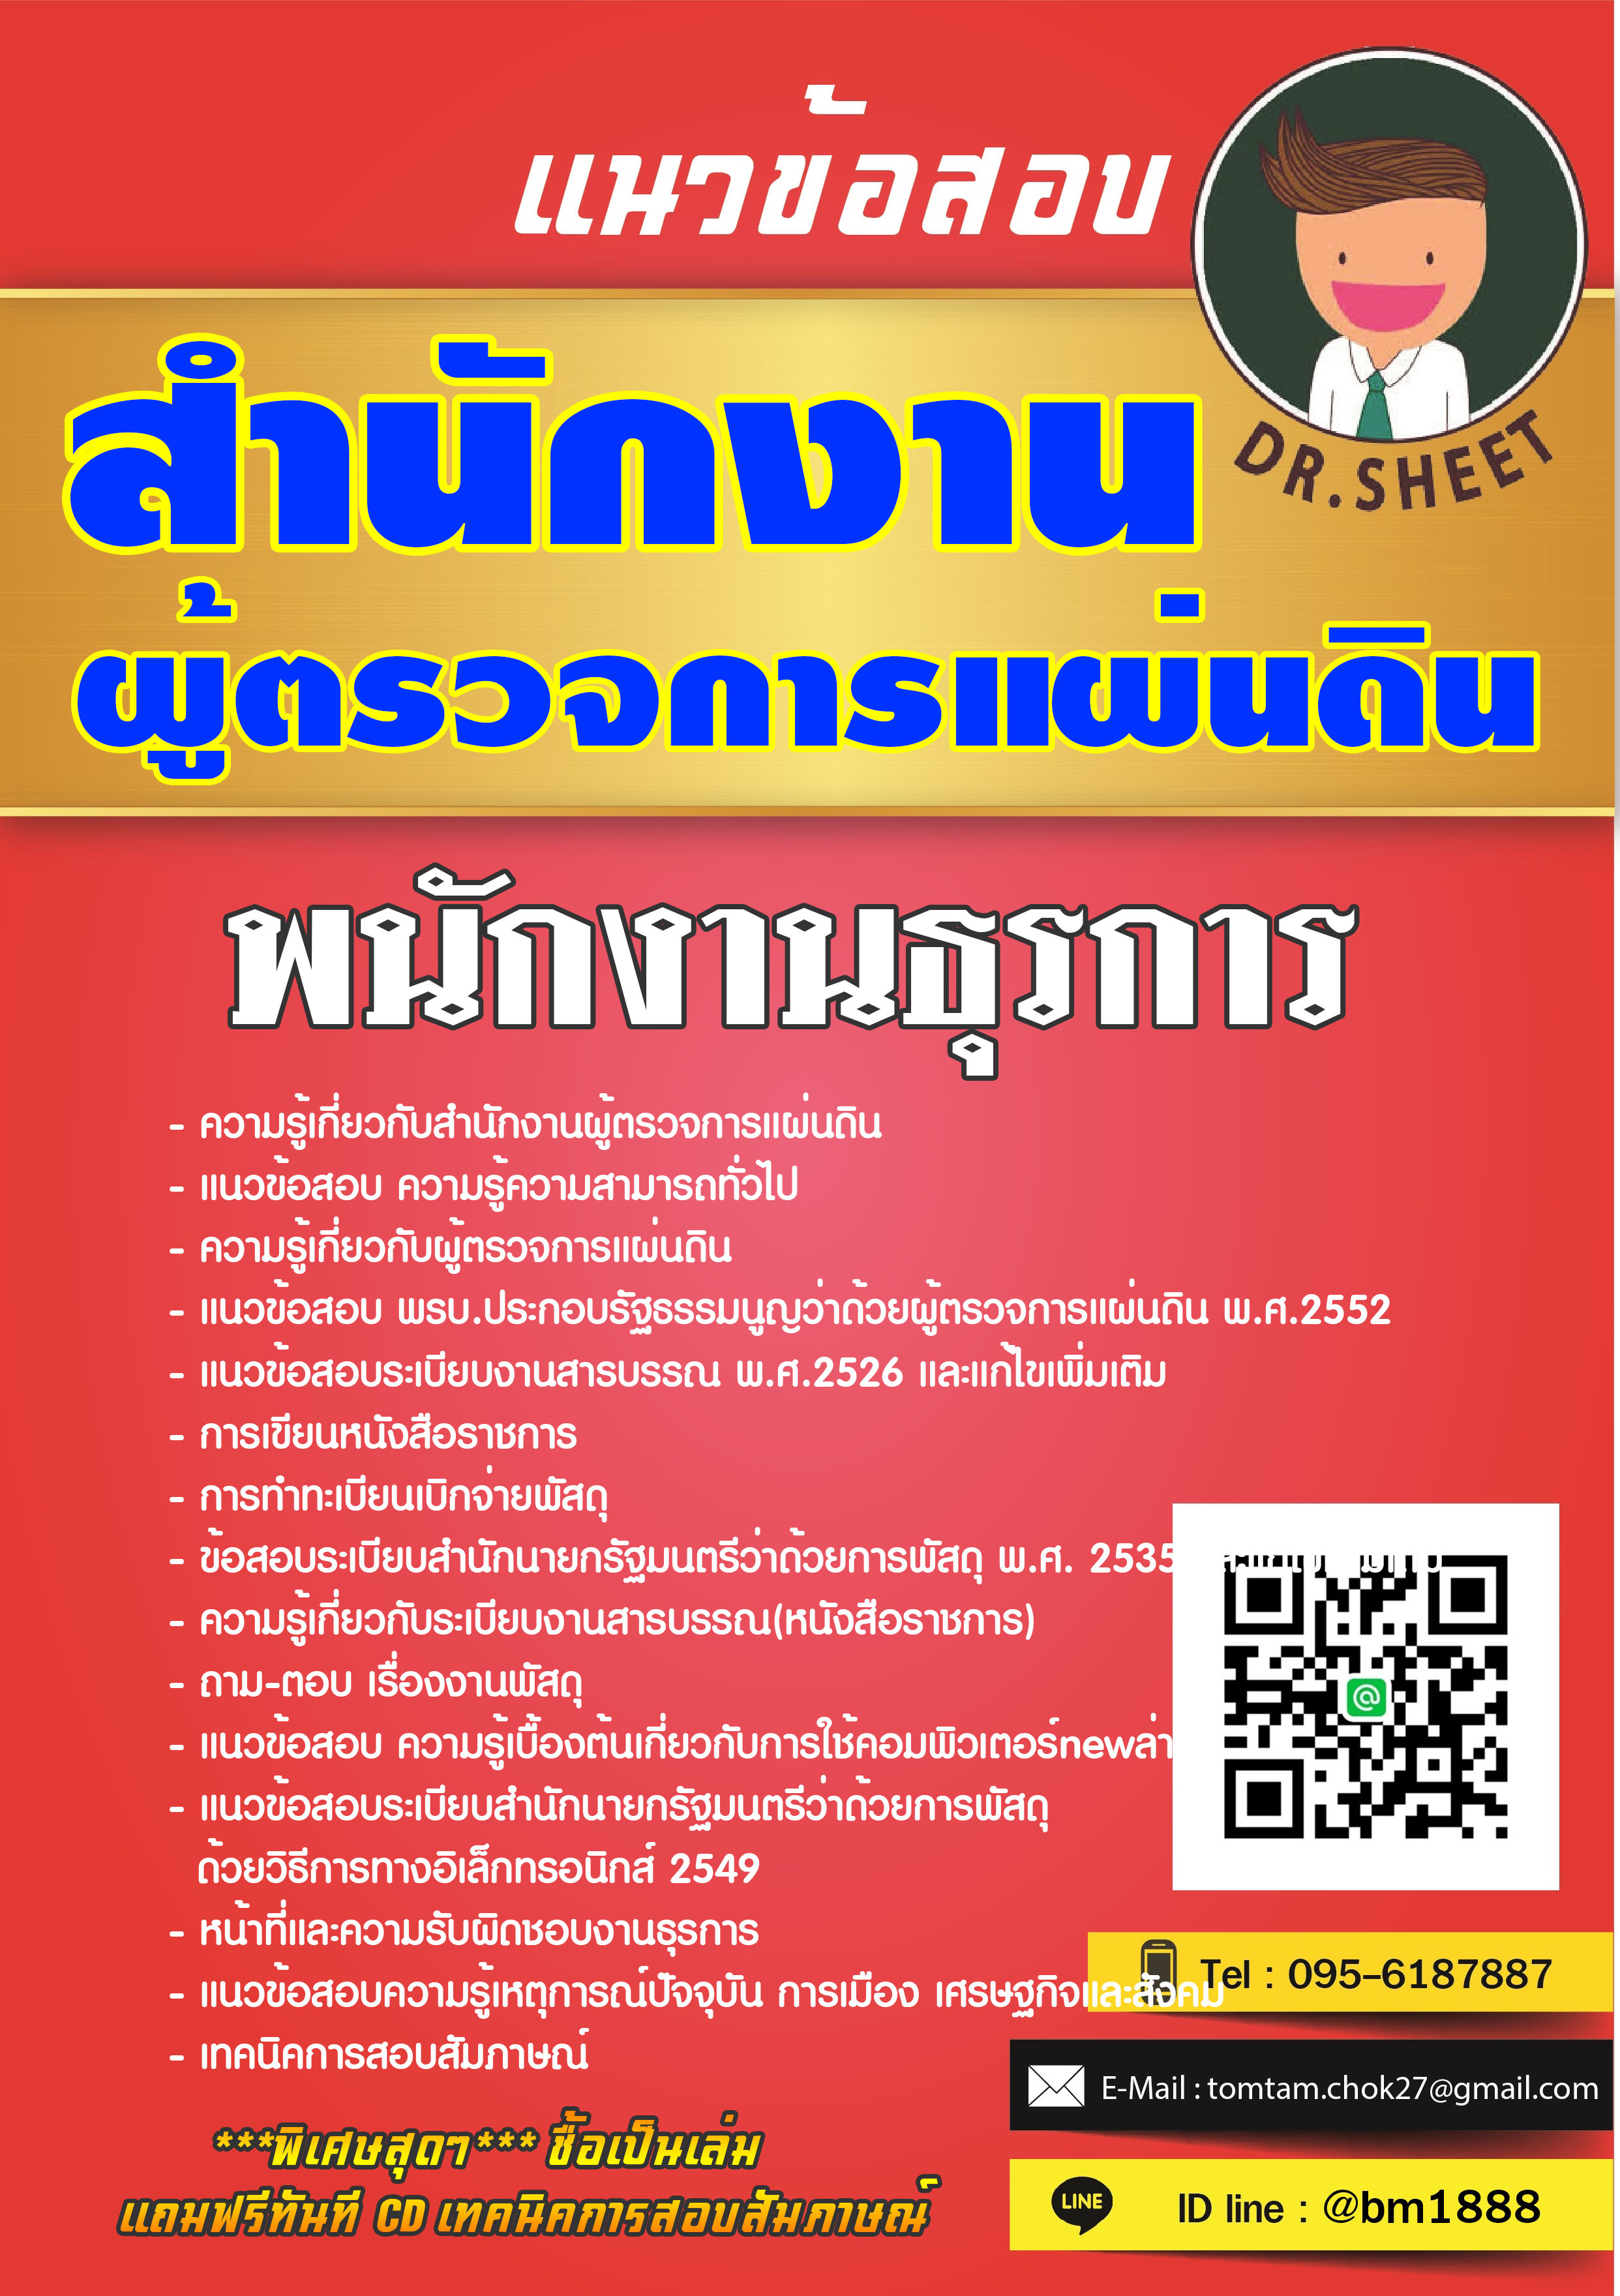 แนวข้อสอบ พนักงานธุรการ สำนักงานผู้ตรวจการแผ่นดิน